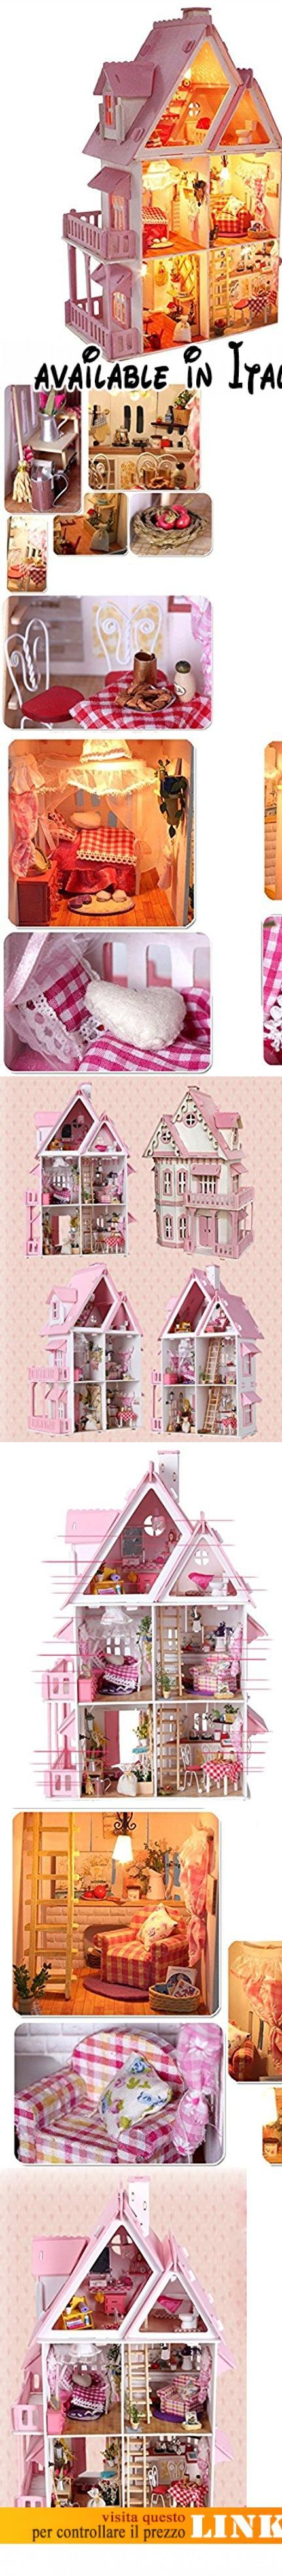 Remeehi - Casa delle bambole. Peso: 3 kg.. Dimensioni: 35 x 30 x 42 cm.. Assemblaggio fai-da-te, le parti sono divise in diversi pacchetti all'interno, da separare più volte per giungere al termine, il montaggio richiede circa 3-7giorni.. Il materiale di una piccola casa come una vera casa, con armadio in legno, tendina in stoffa, libri di carta, per mettere alla prova le capacità del bambino, assemblaggio fai-da-te, un mondo di divertimento.. Set completo, regalo perfetto